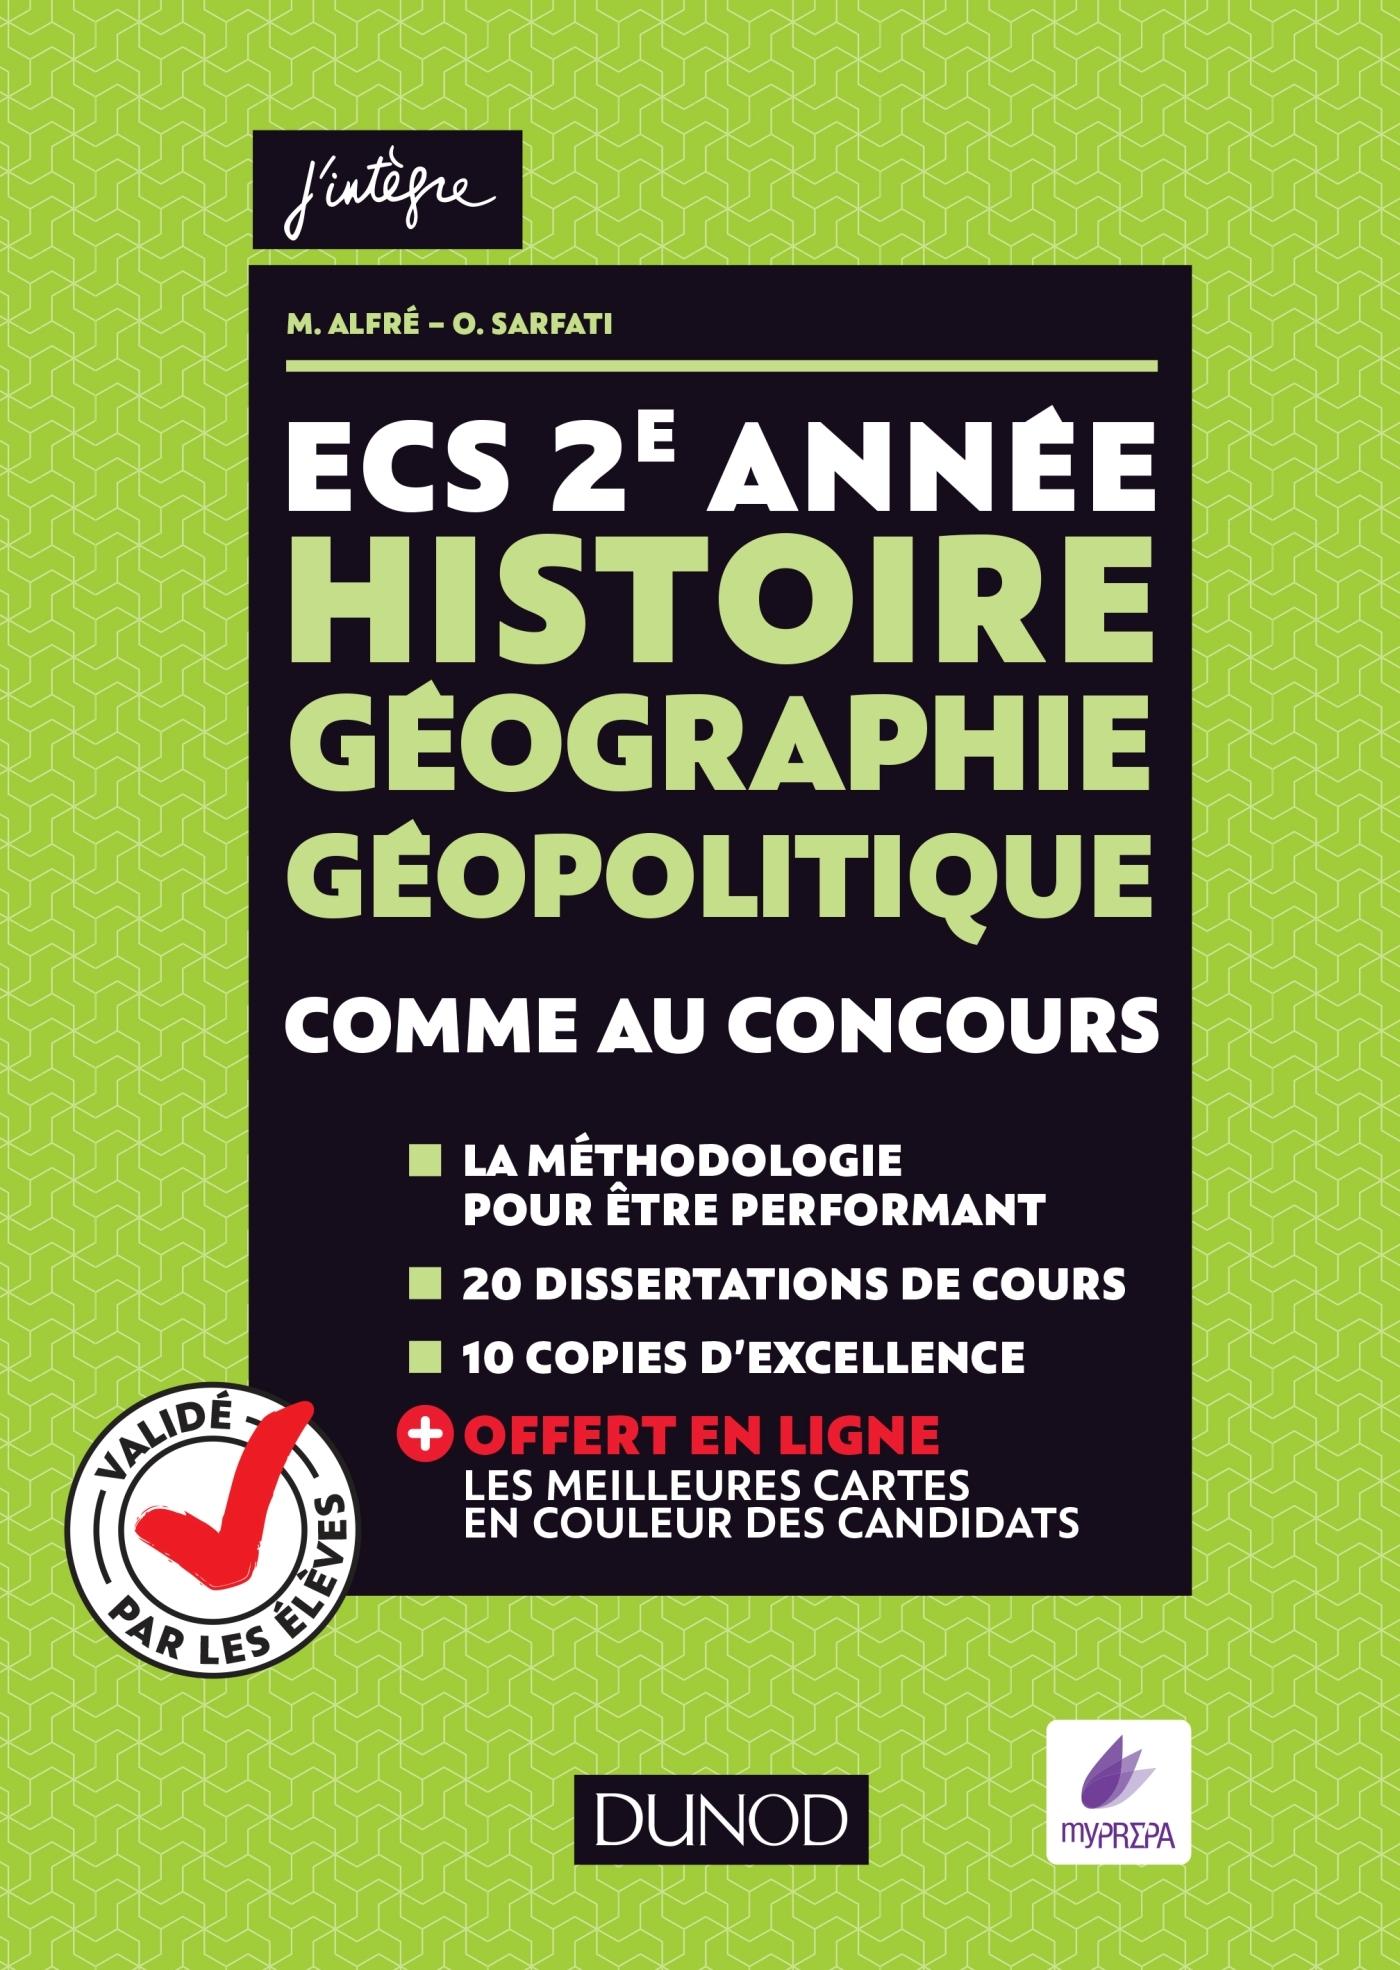 Ecs 2e Année Histoire Géographie Géopolitique Comme Au Concours